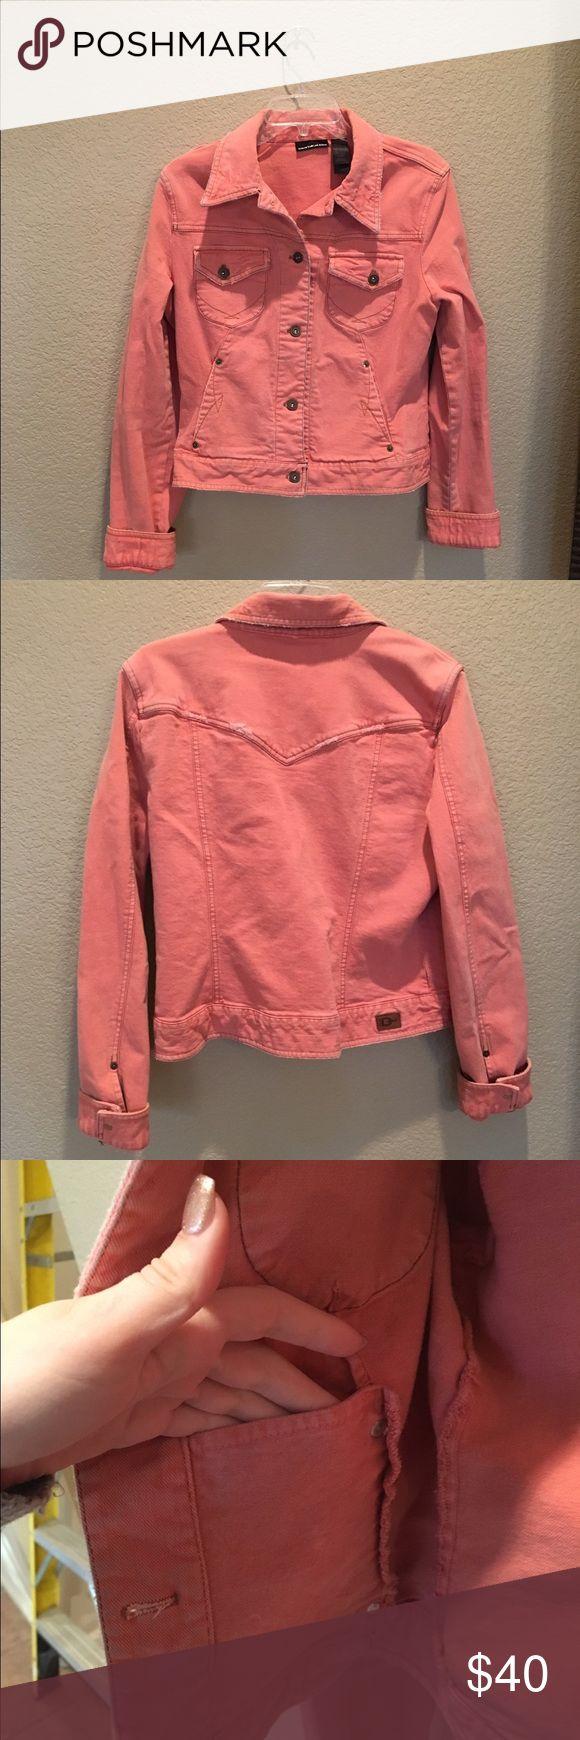 Peach Jean Jacket DKNY size large  Barely worn DKNY Jackets & Coats Jean Jackets